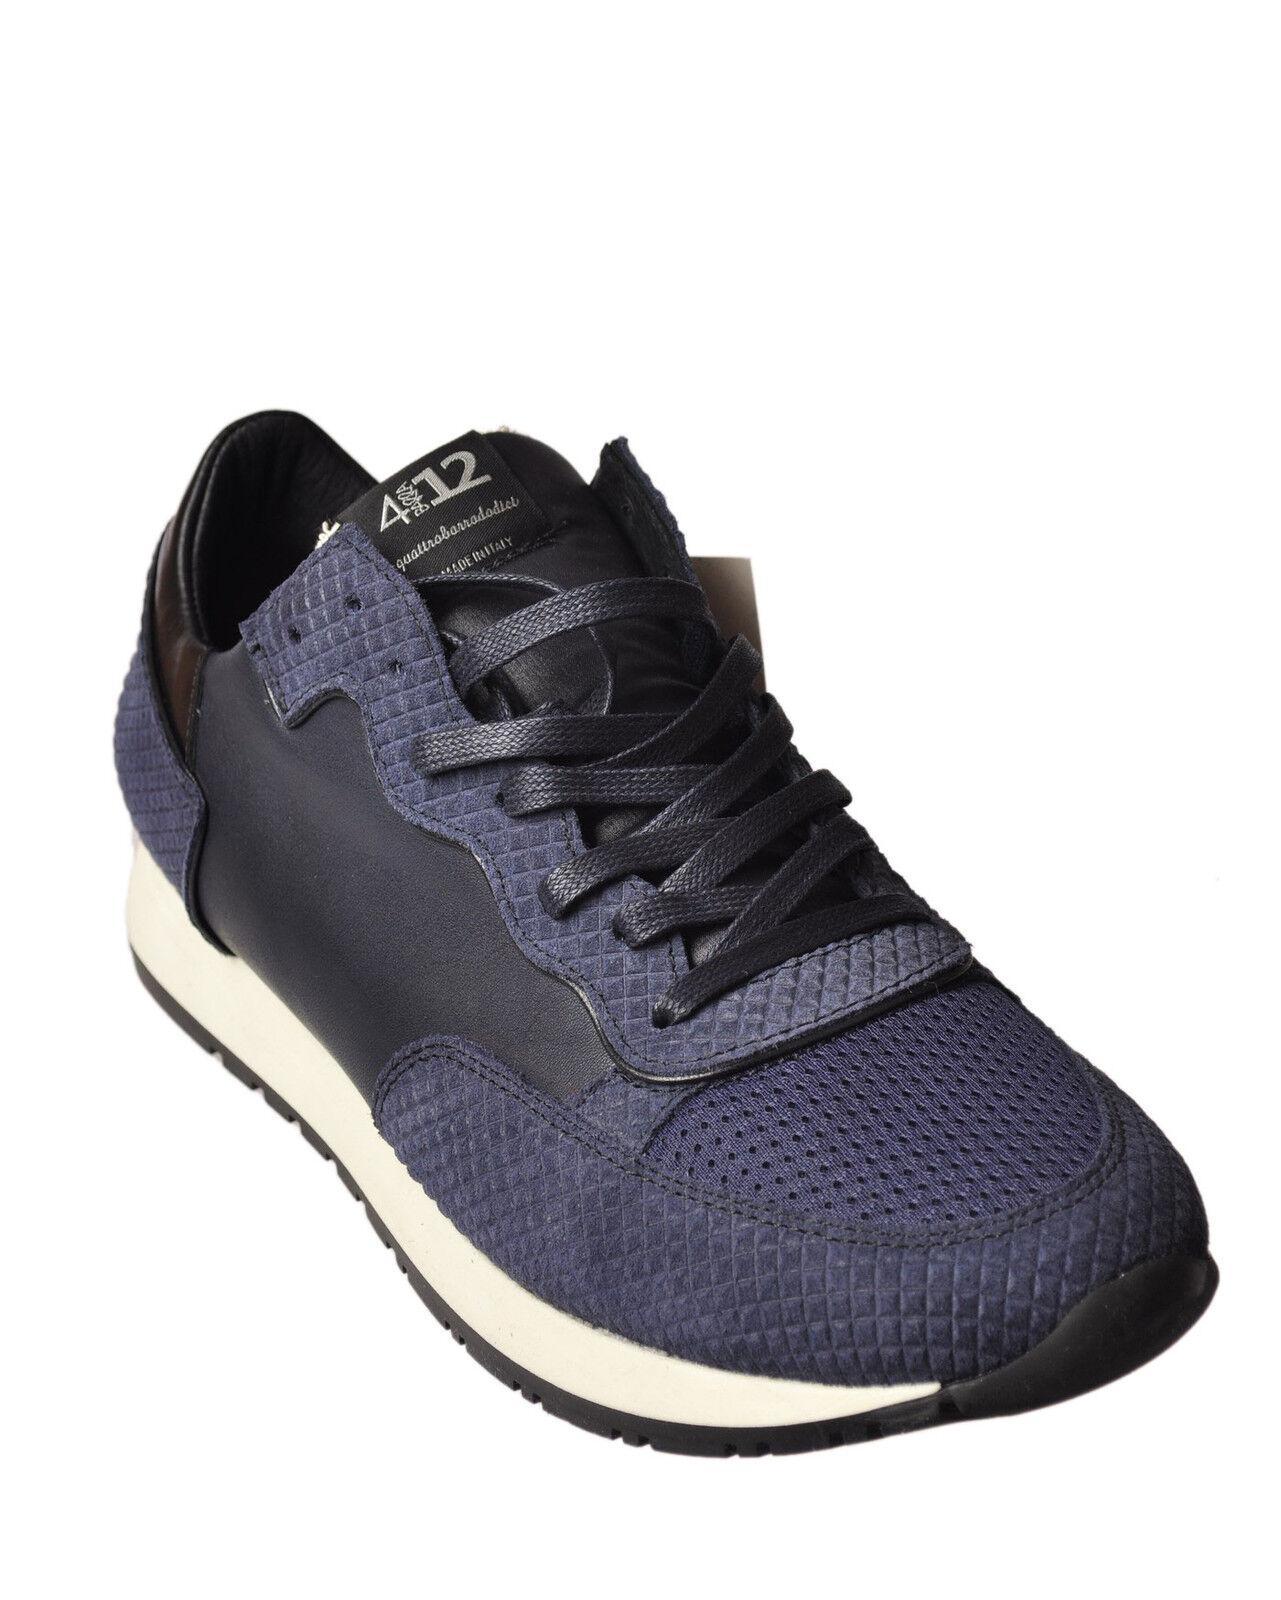 Quattrobarradodici  -  scarpe da ginnastica - Male - blu - 49123A181616